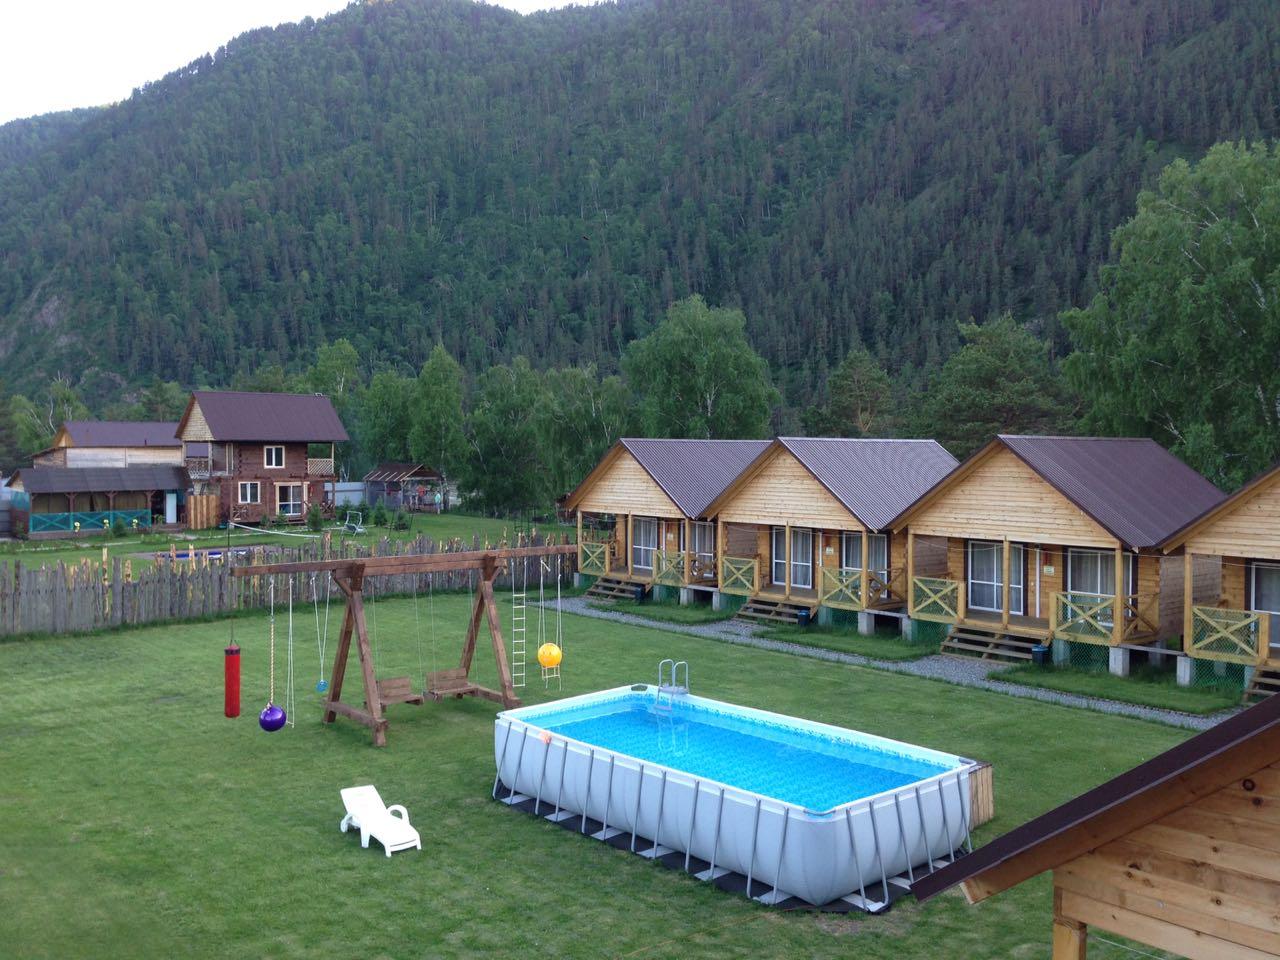 Сауна с бассейном, каминный зал, терраса, спутниковое телевидение, охраняемая стоянка.